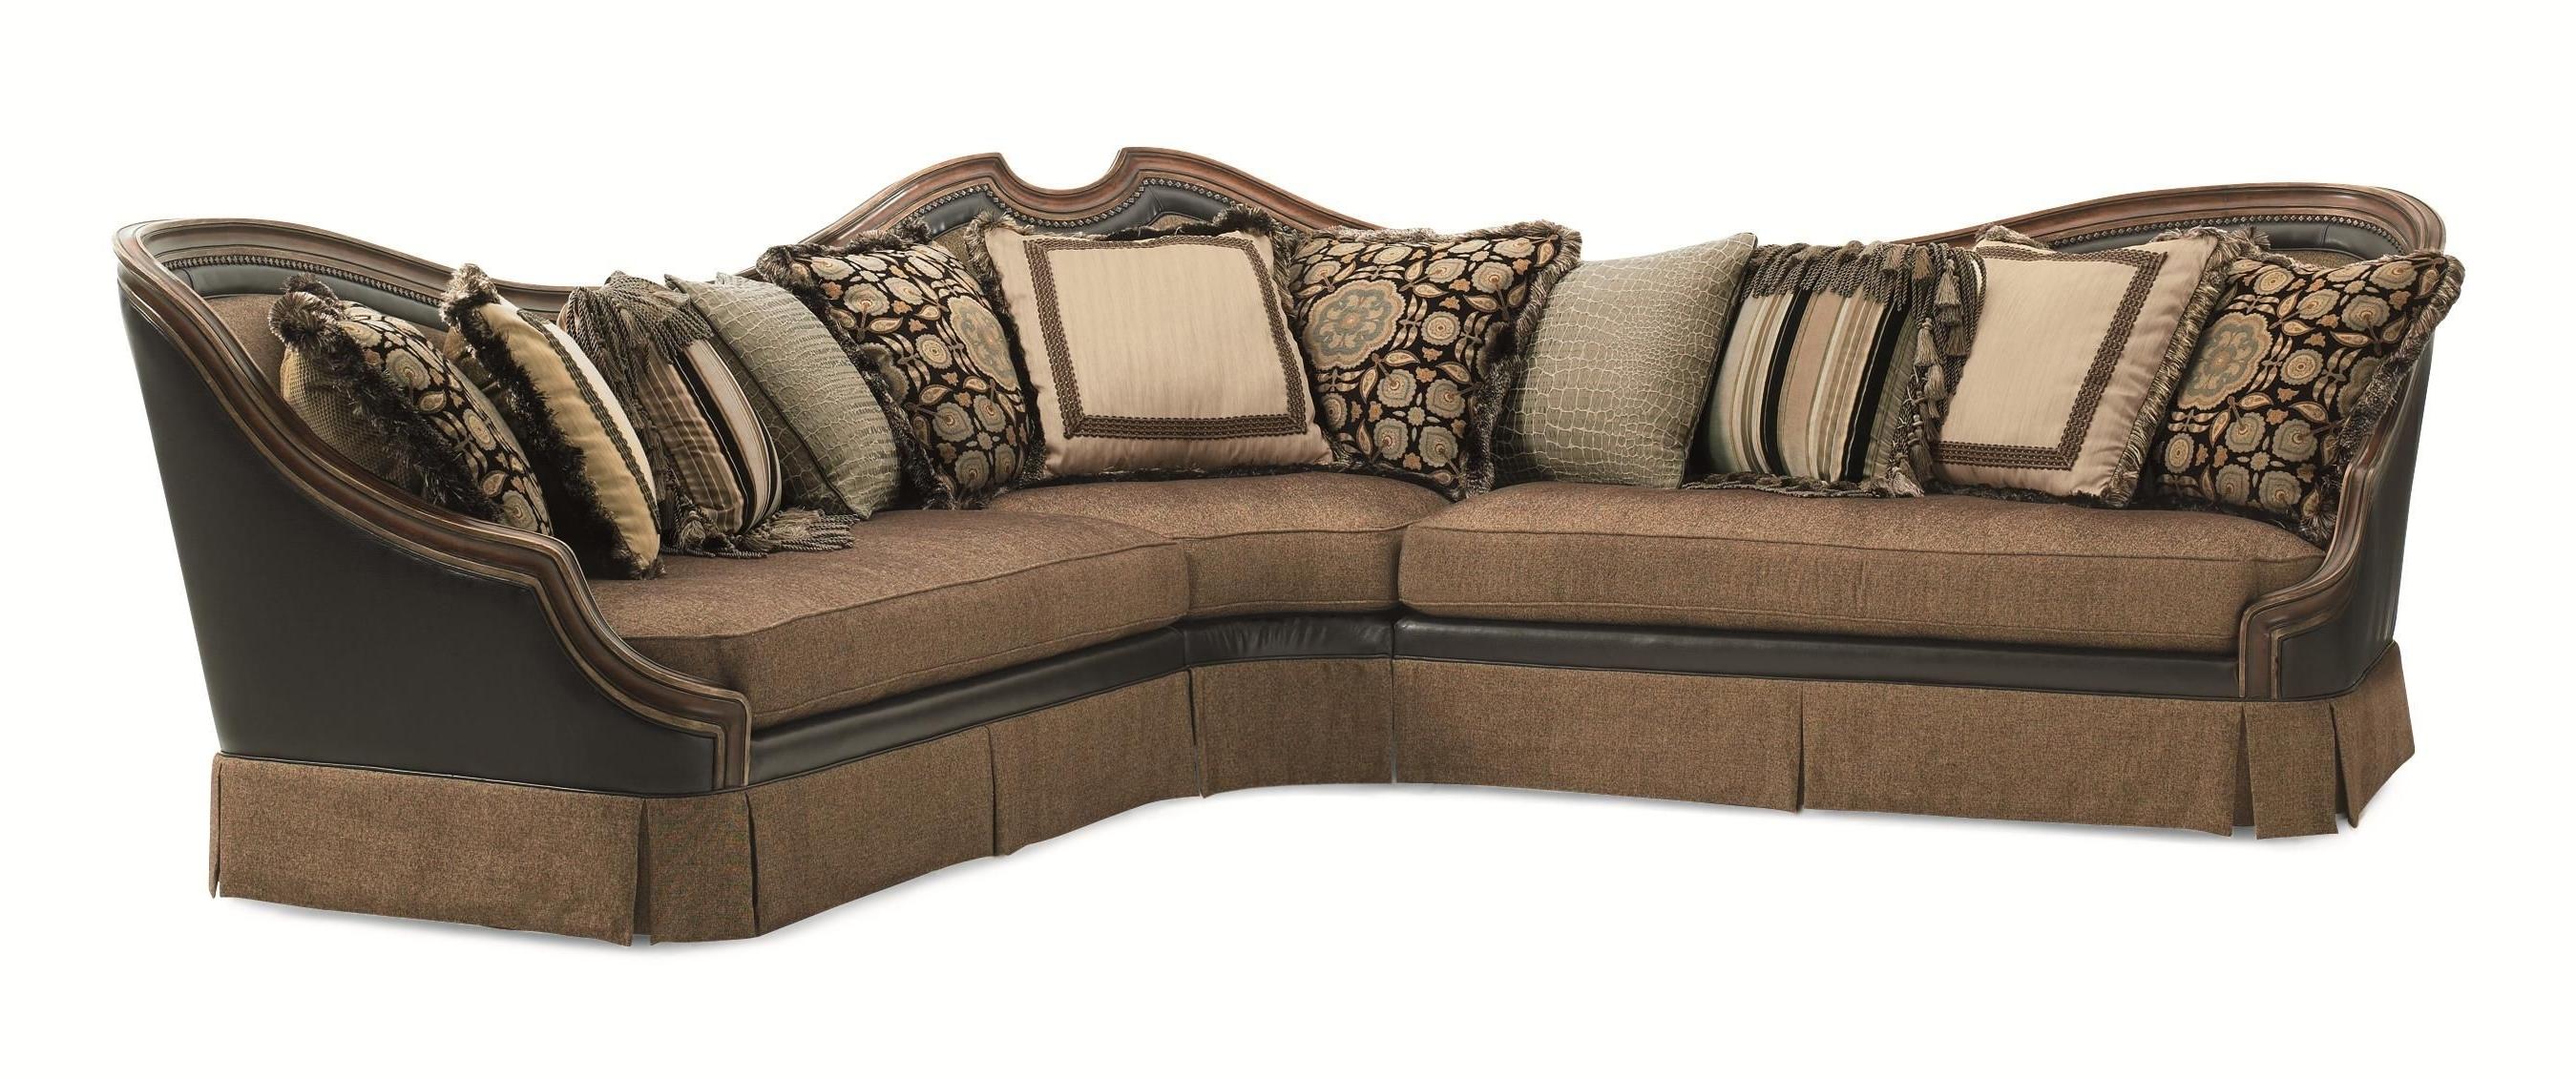 Pinterest In 2019 Nebraska Furniture Mart Sectional Sofas (View 2 of 20)